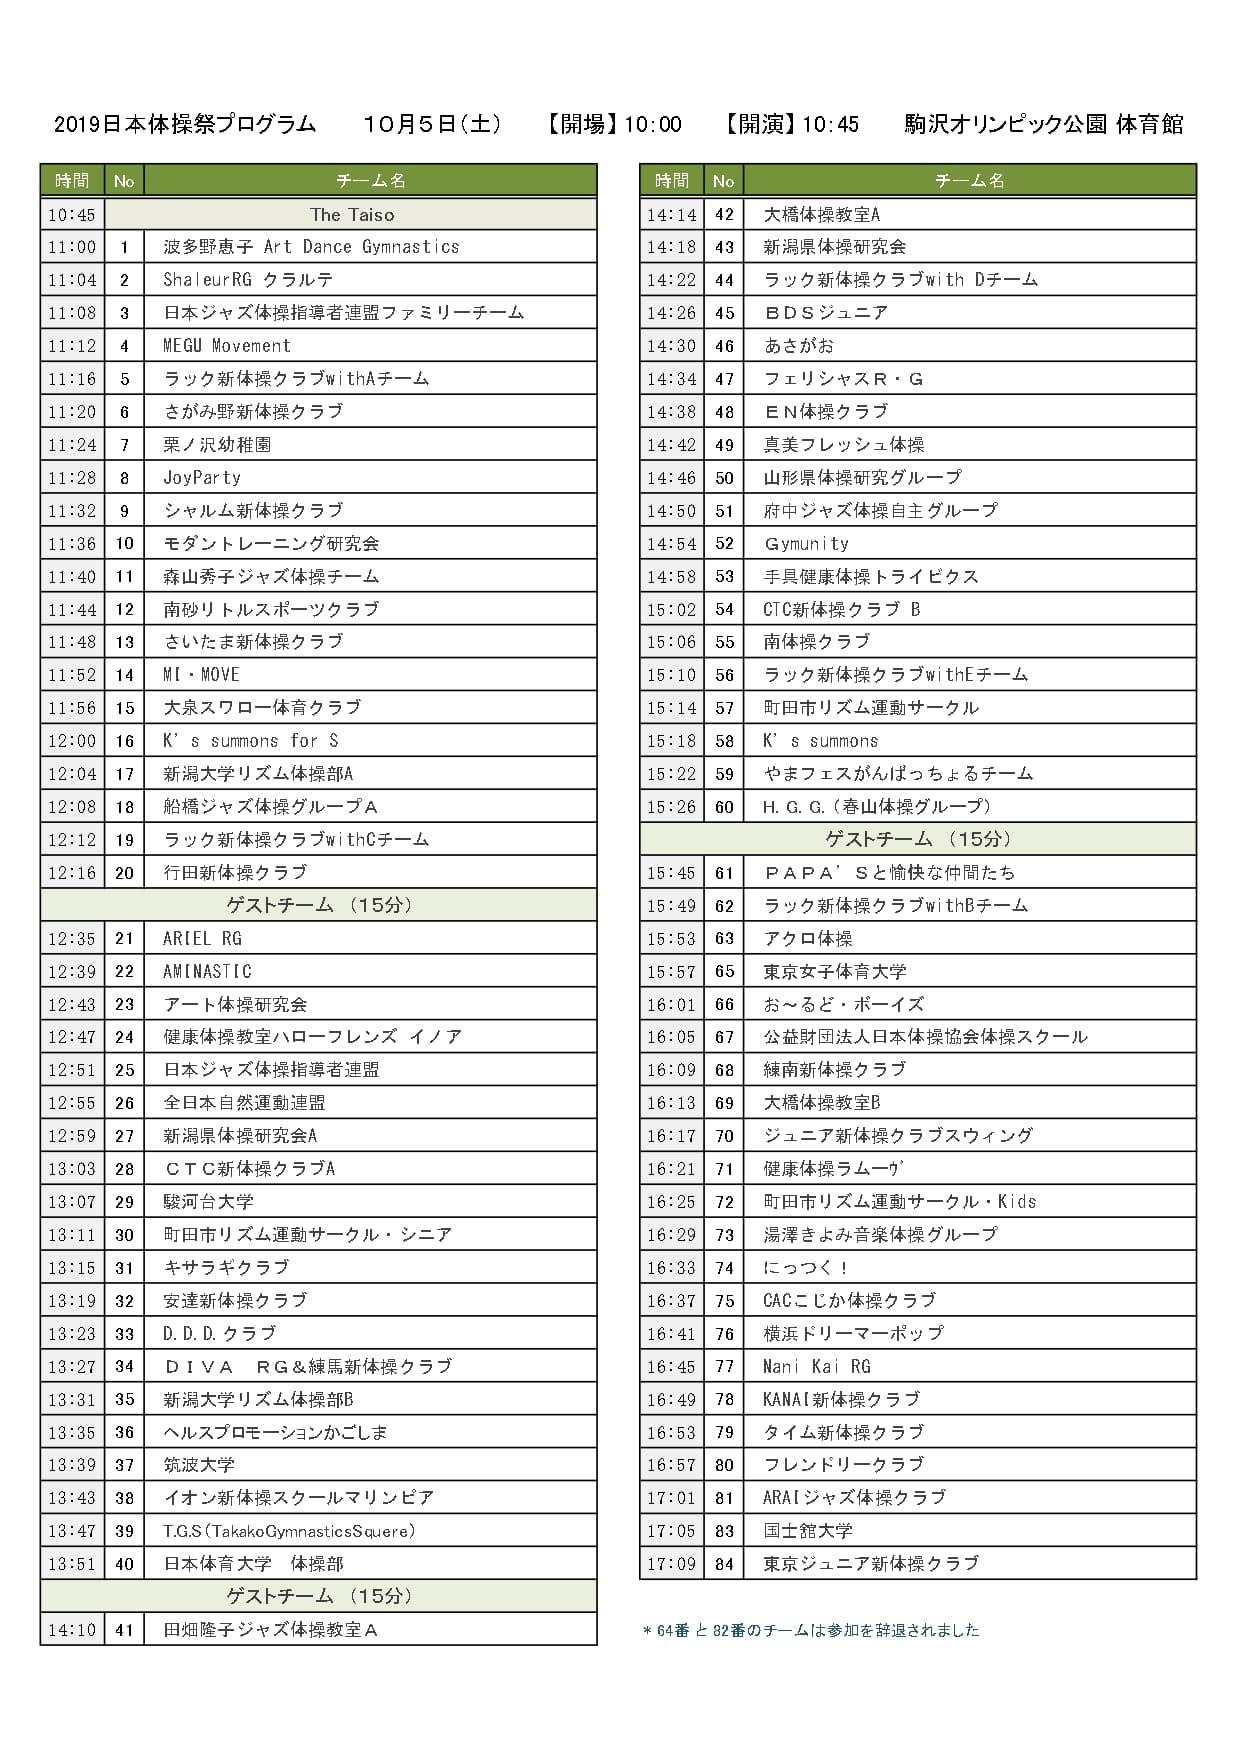 2019日本体操祭 プログラム